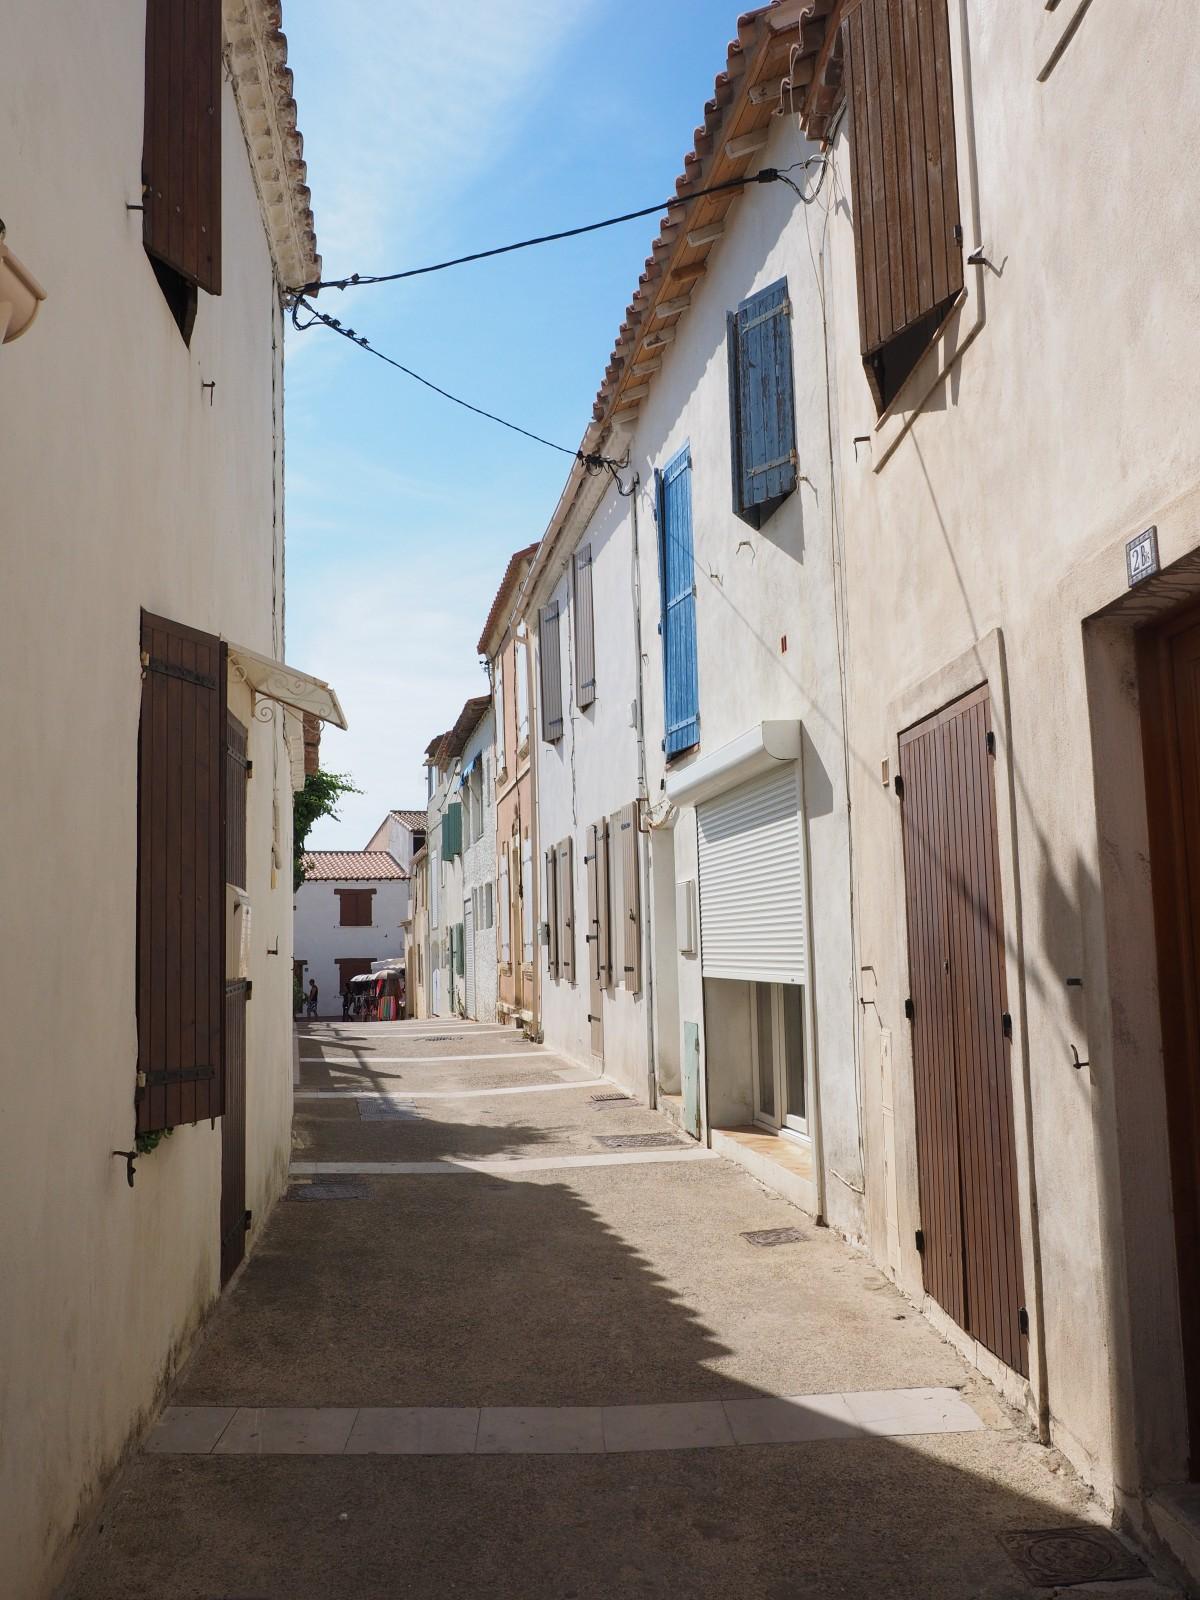 Images gratuites bois route rue antique ville vieux ruelle mur village couleur - Couleur autorisee batiment france ...